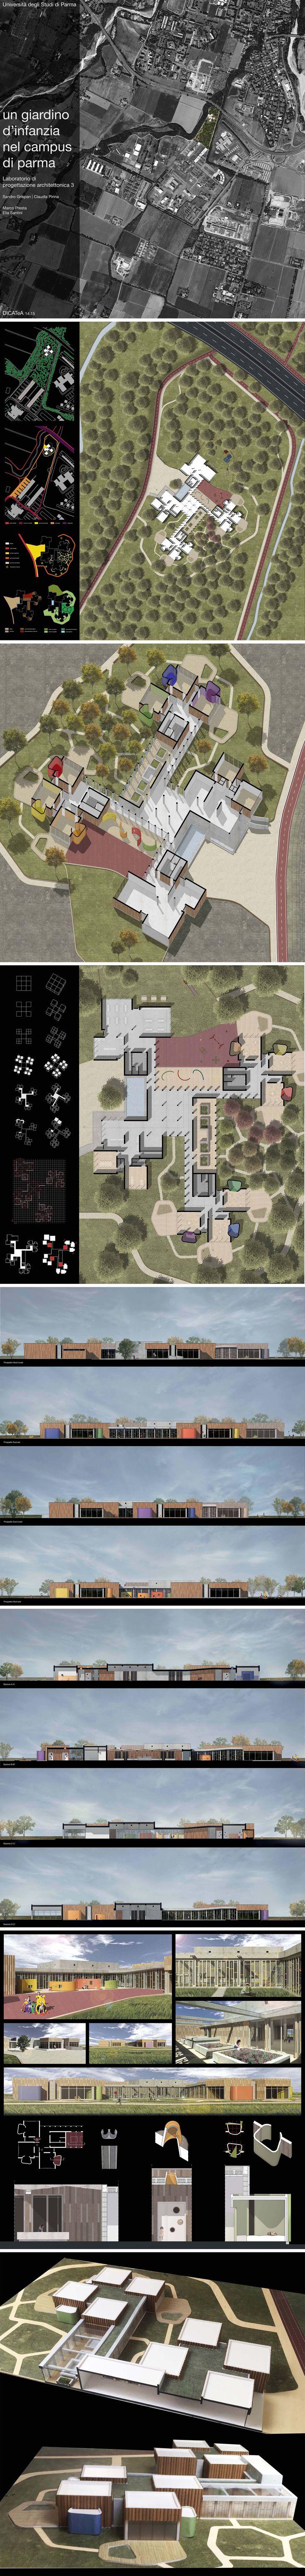 Laboratorio di progettazione III 2015 - Un giardino d'infanzia nel campus di Parma